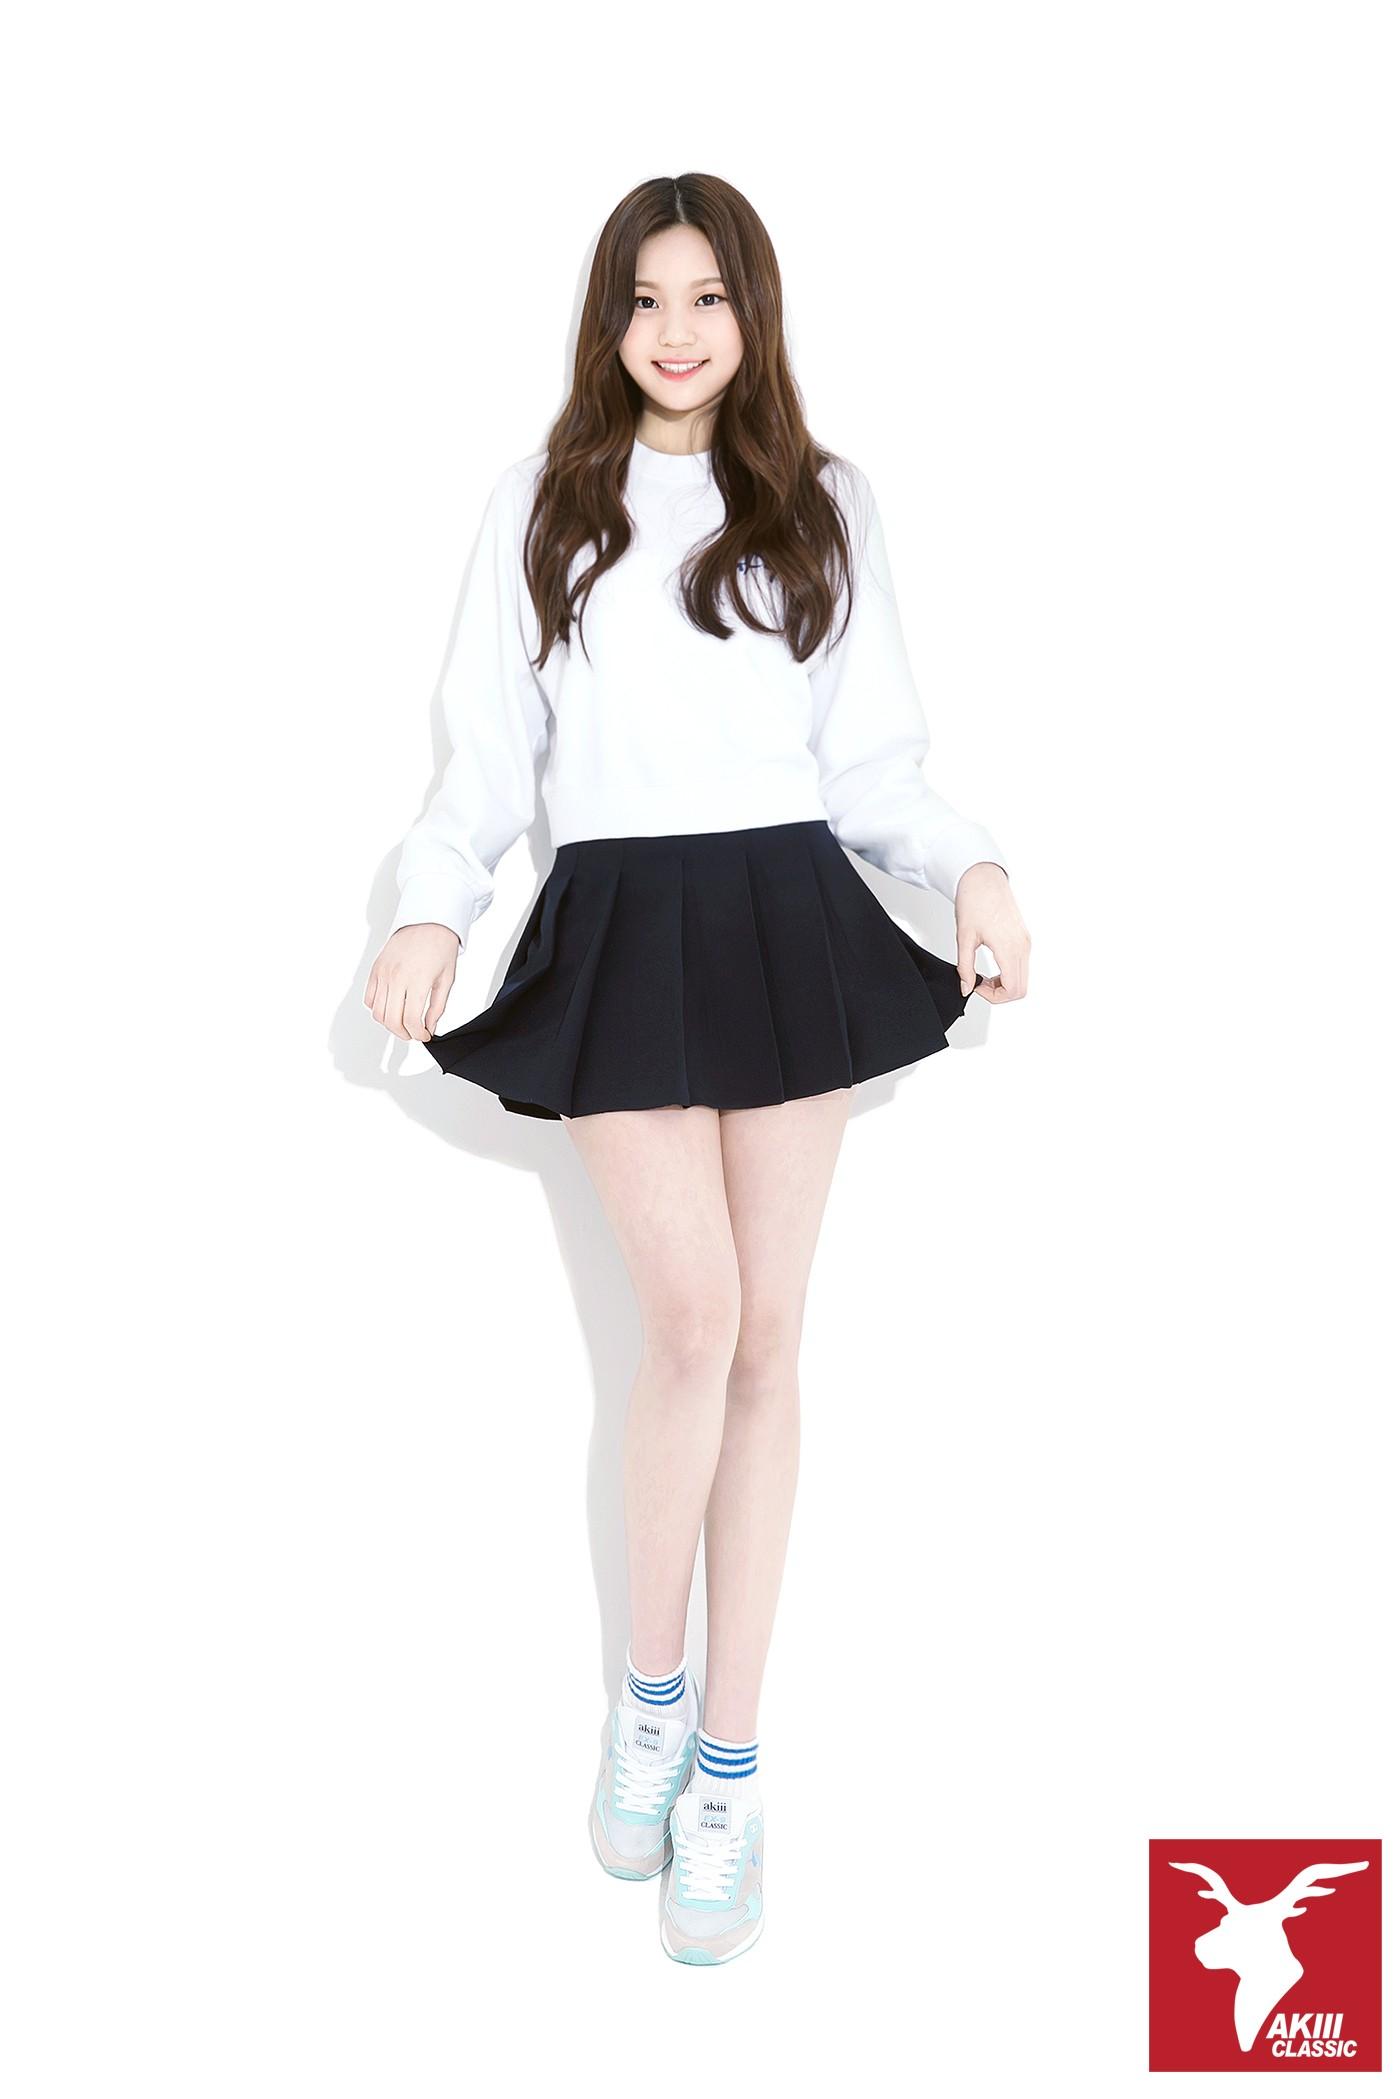 Kpop Shoes Size